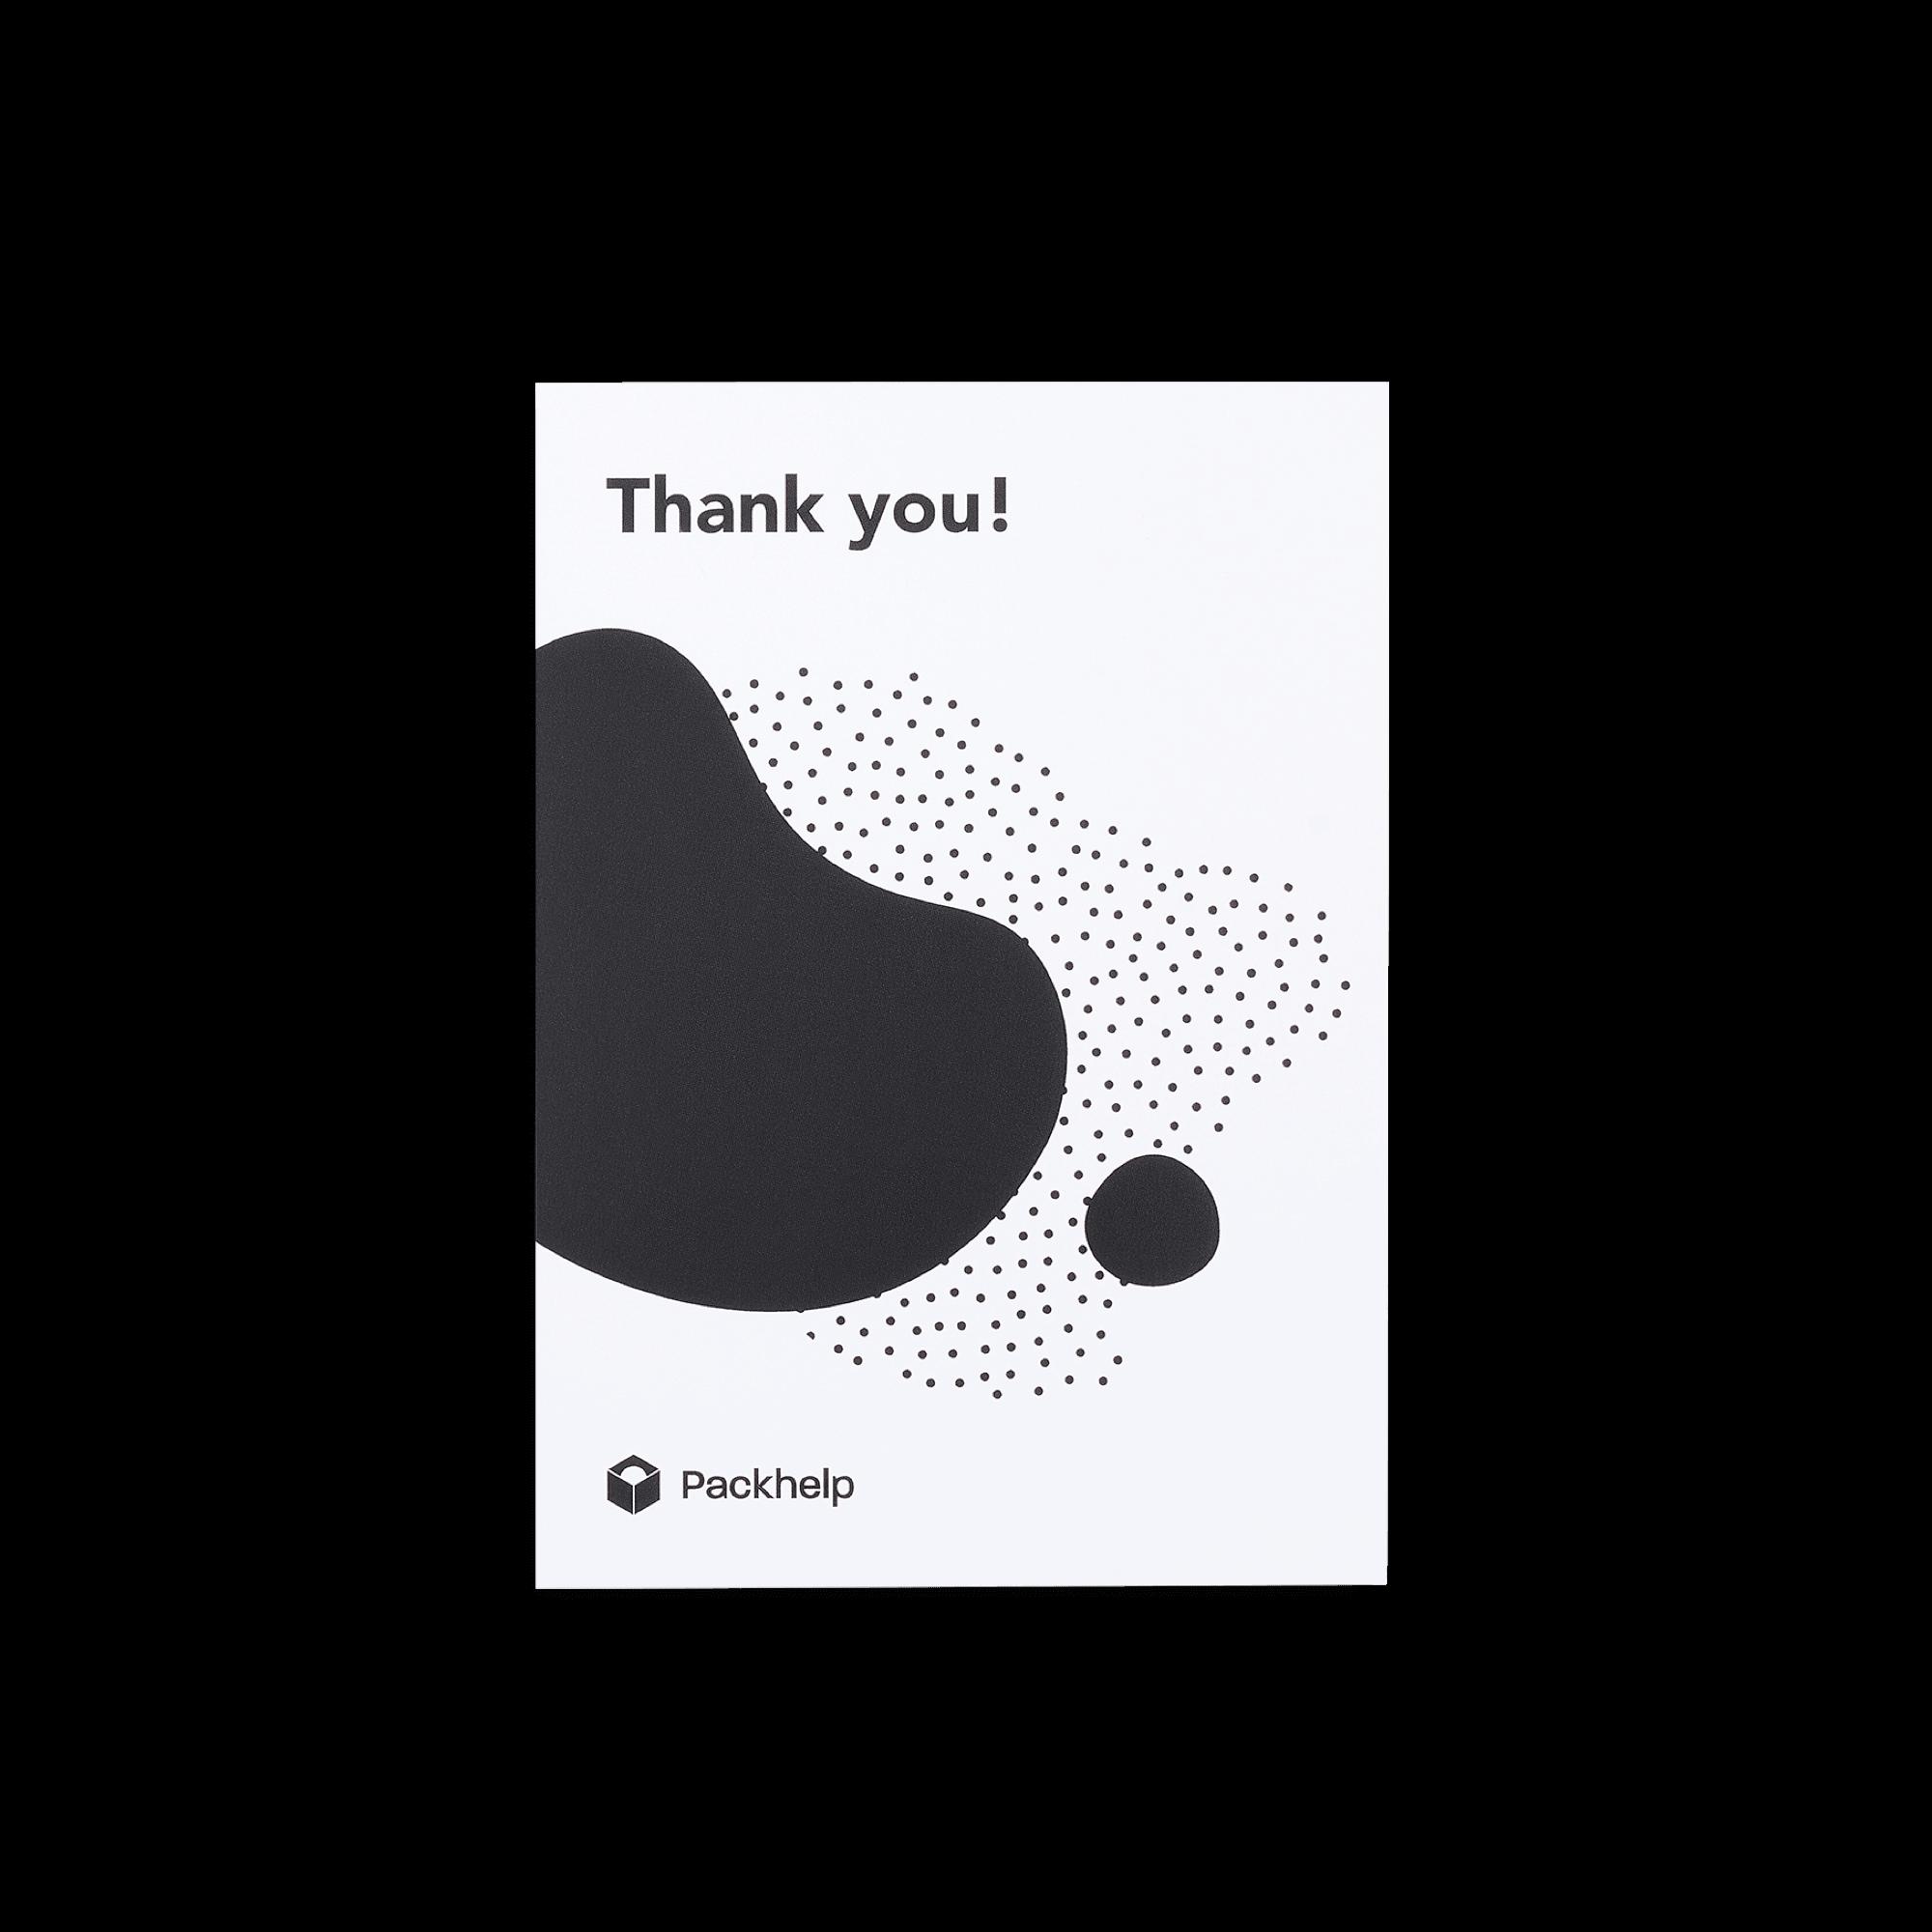 carte de vizita alba cu imprimare neagra